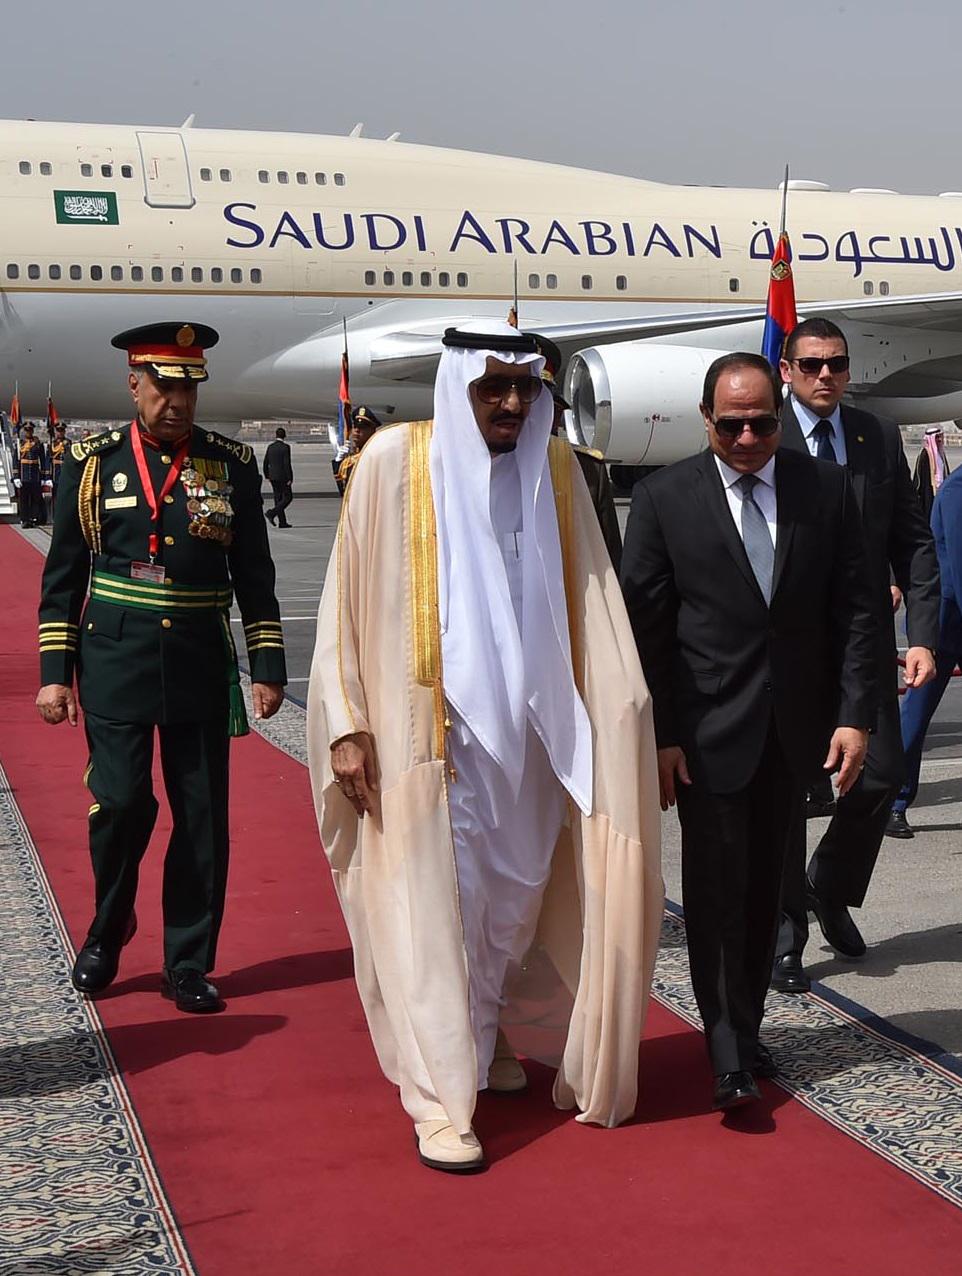 السيسي كان في استقبال العاهل السعودي في مطار القاهرة